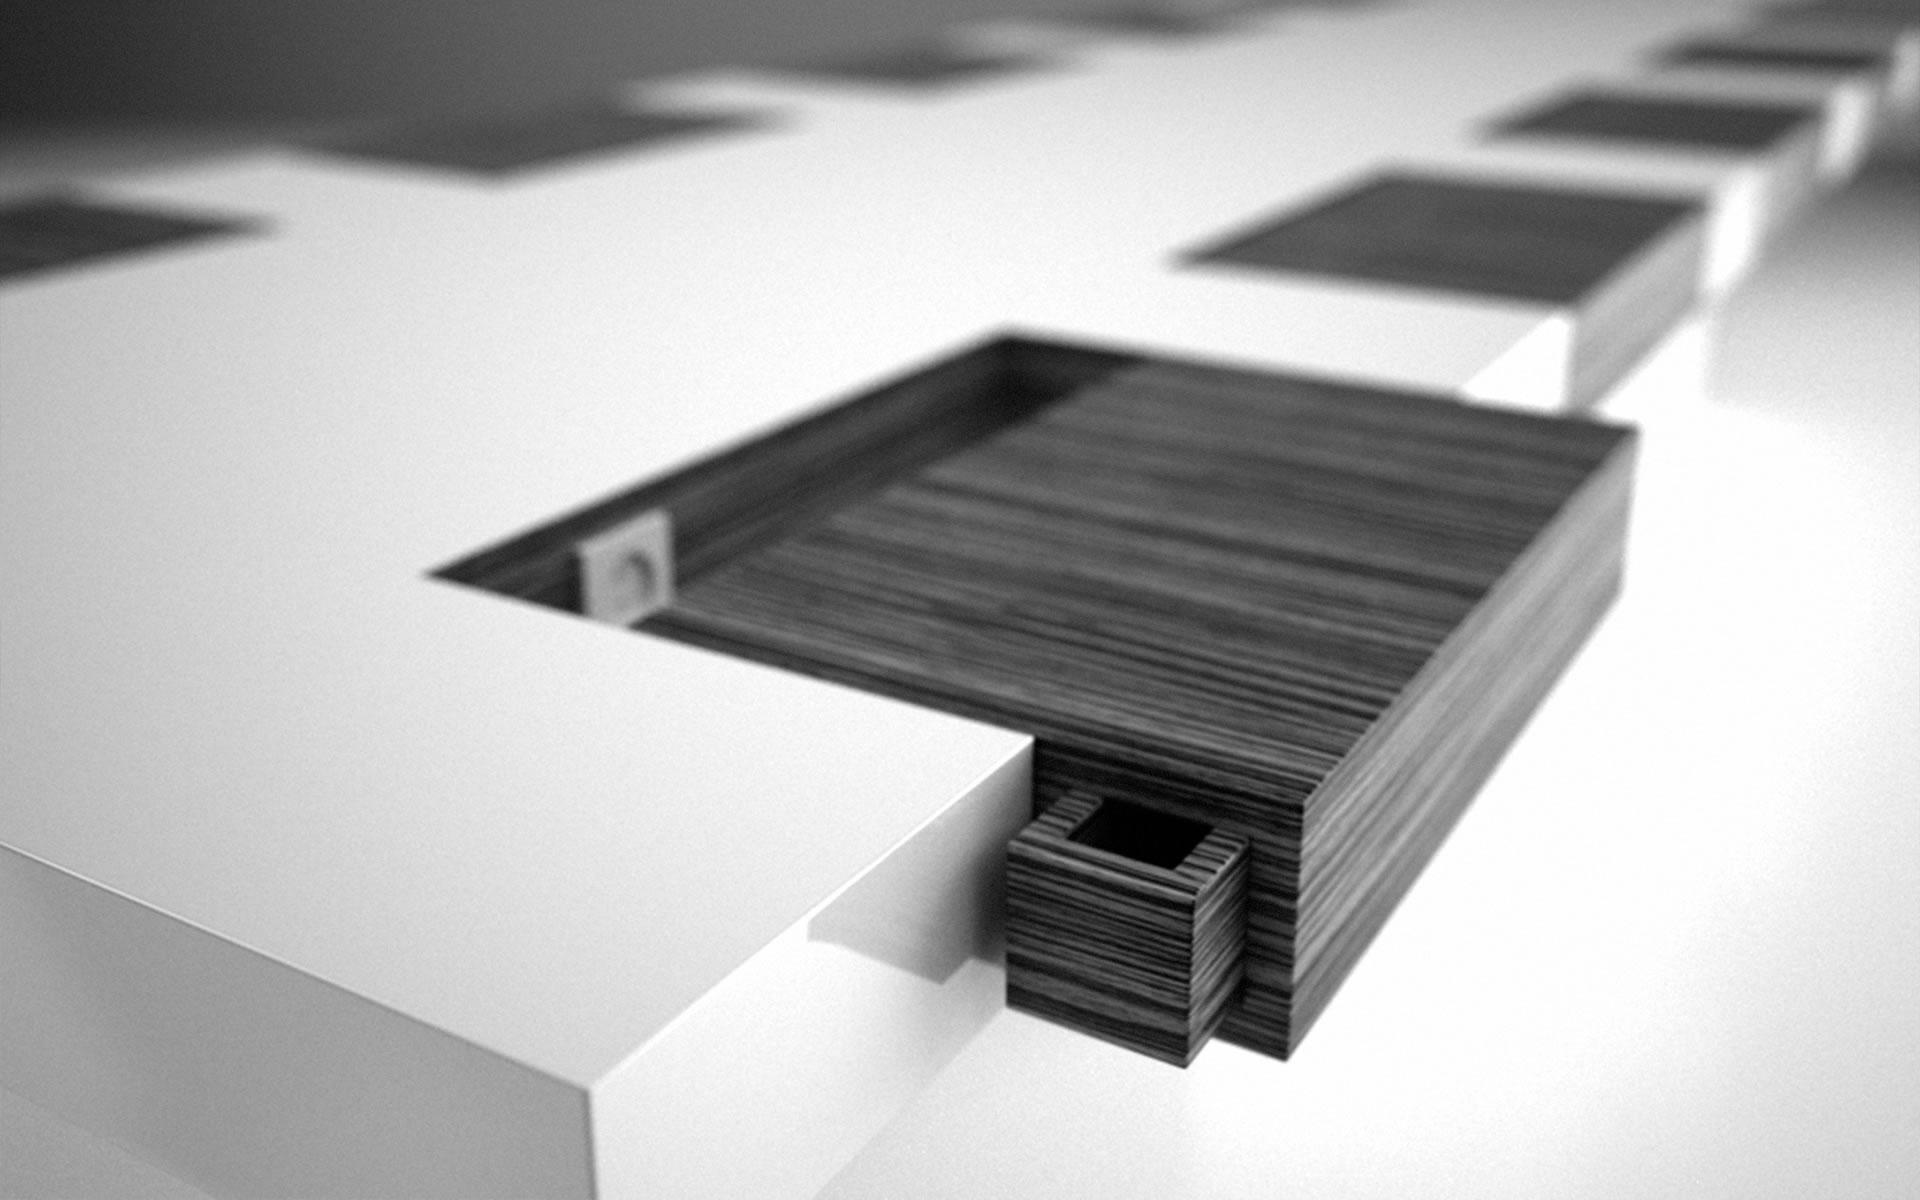 Konferenztisch conventus edler designer konferenztisch for Besprechungstisch design